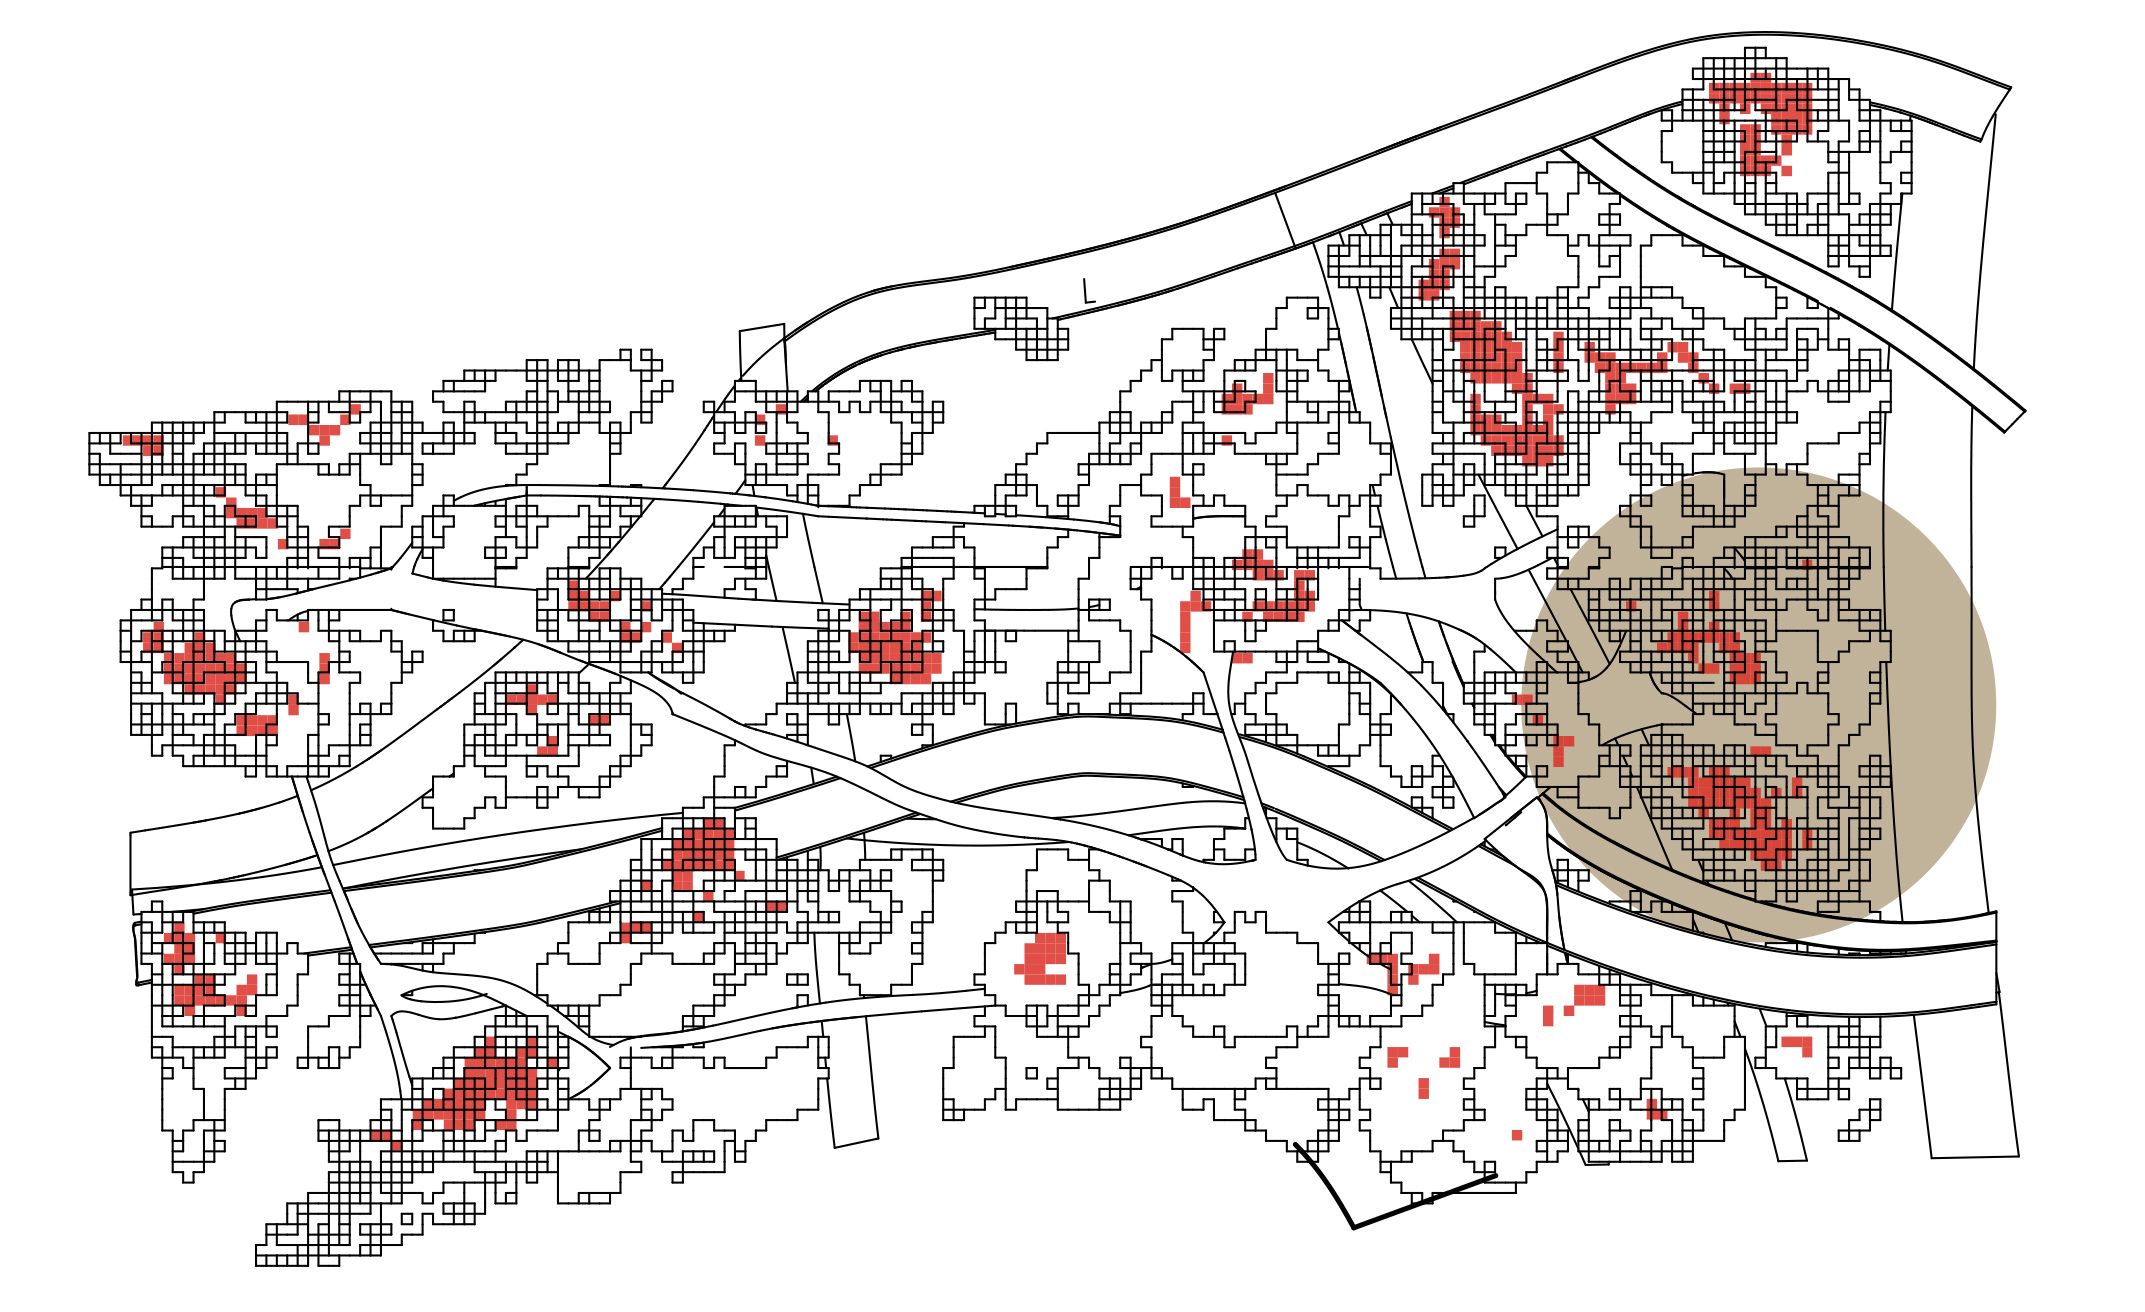 Neighbourhood plan